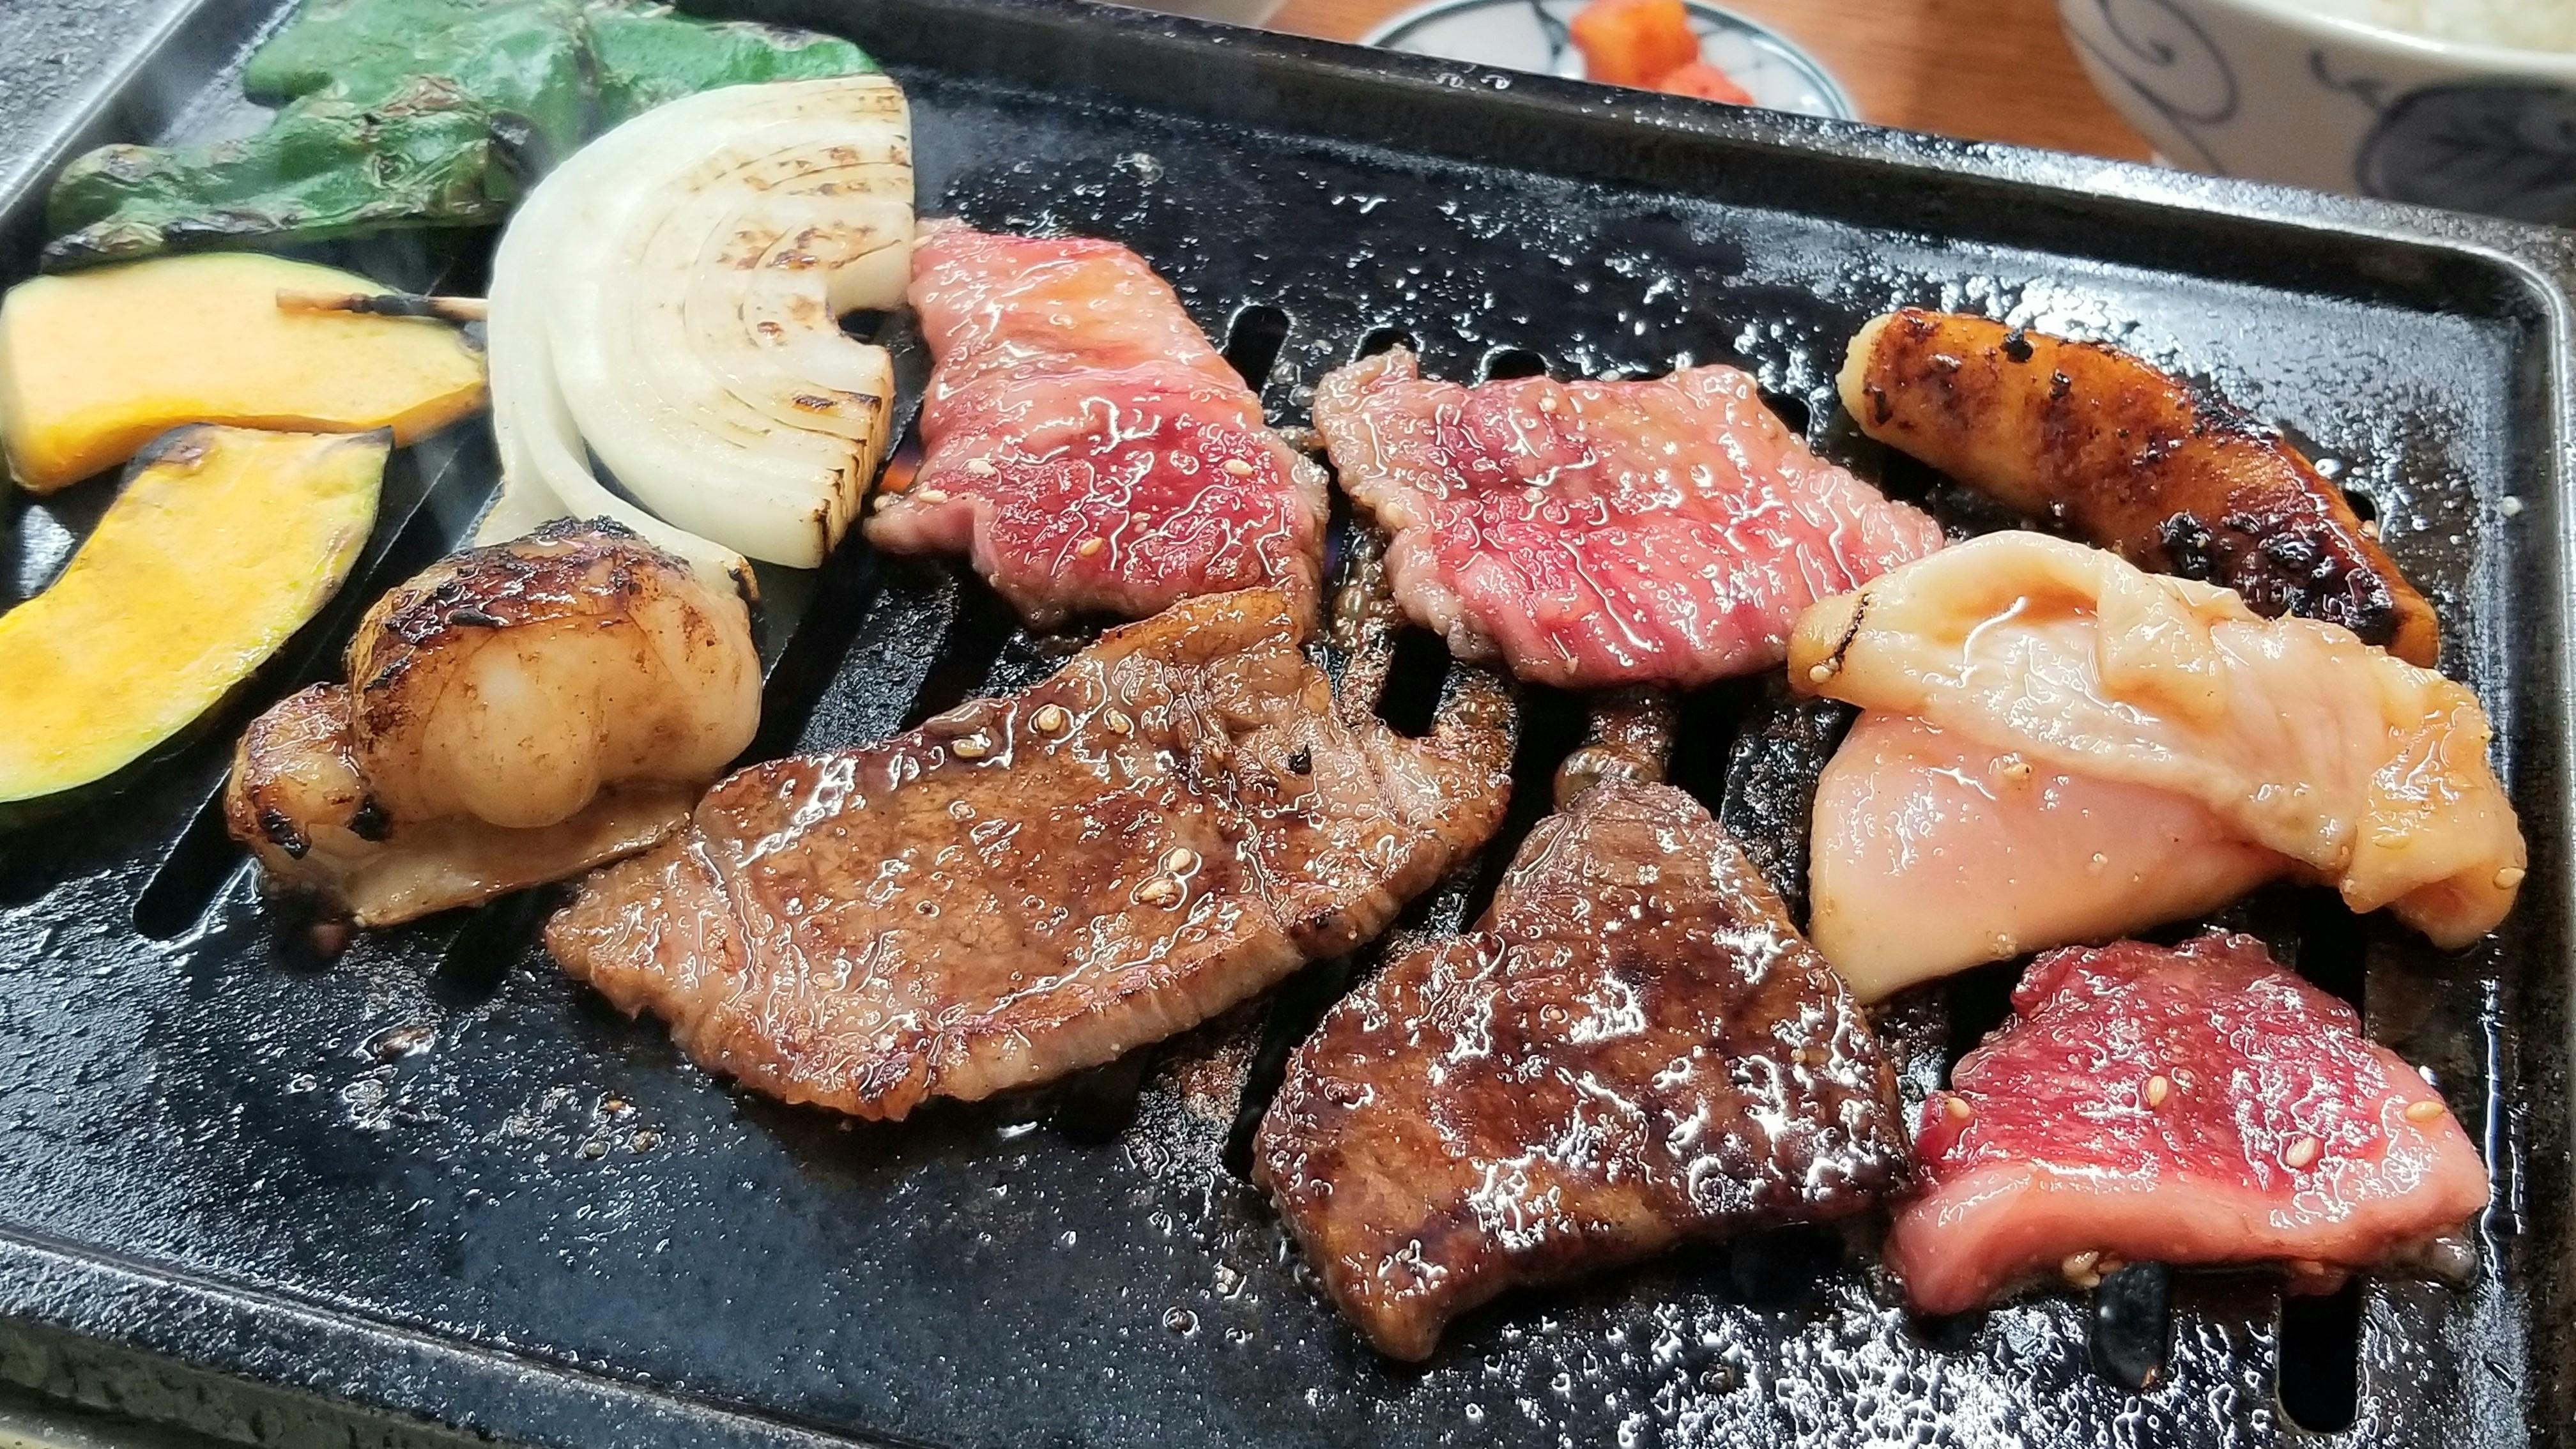 愛媛県松山市焼肉富久重おすすめ人気黒毛和牛コスパ最高おいしい